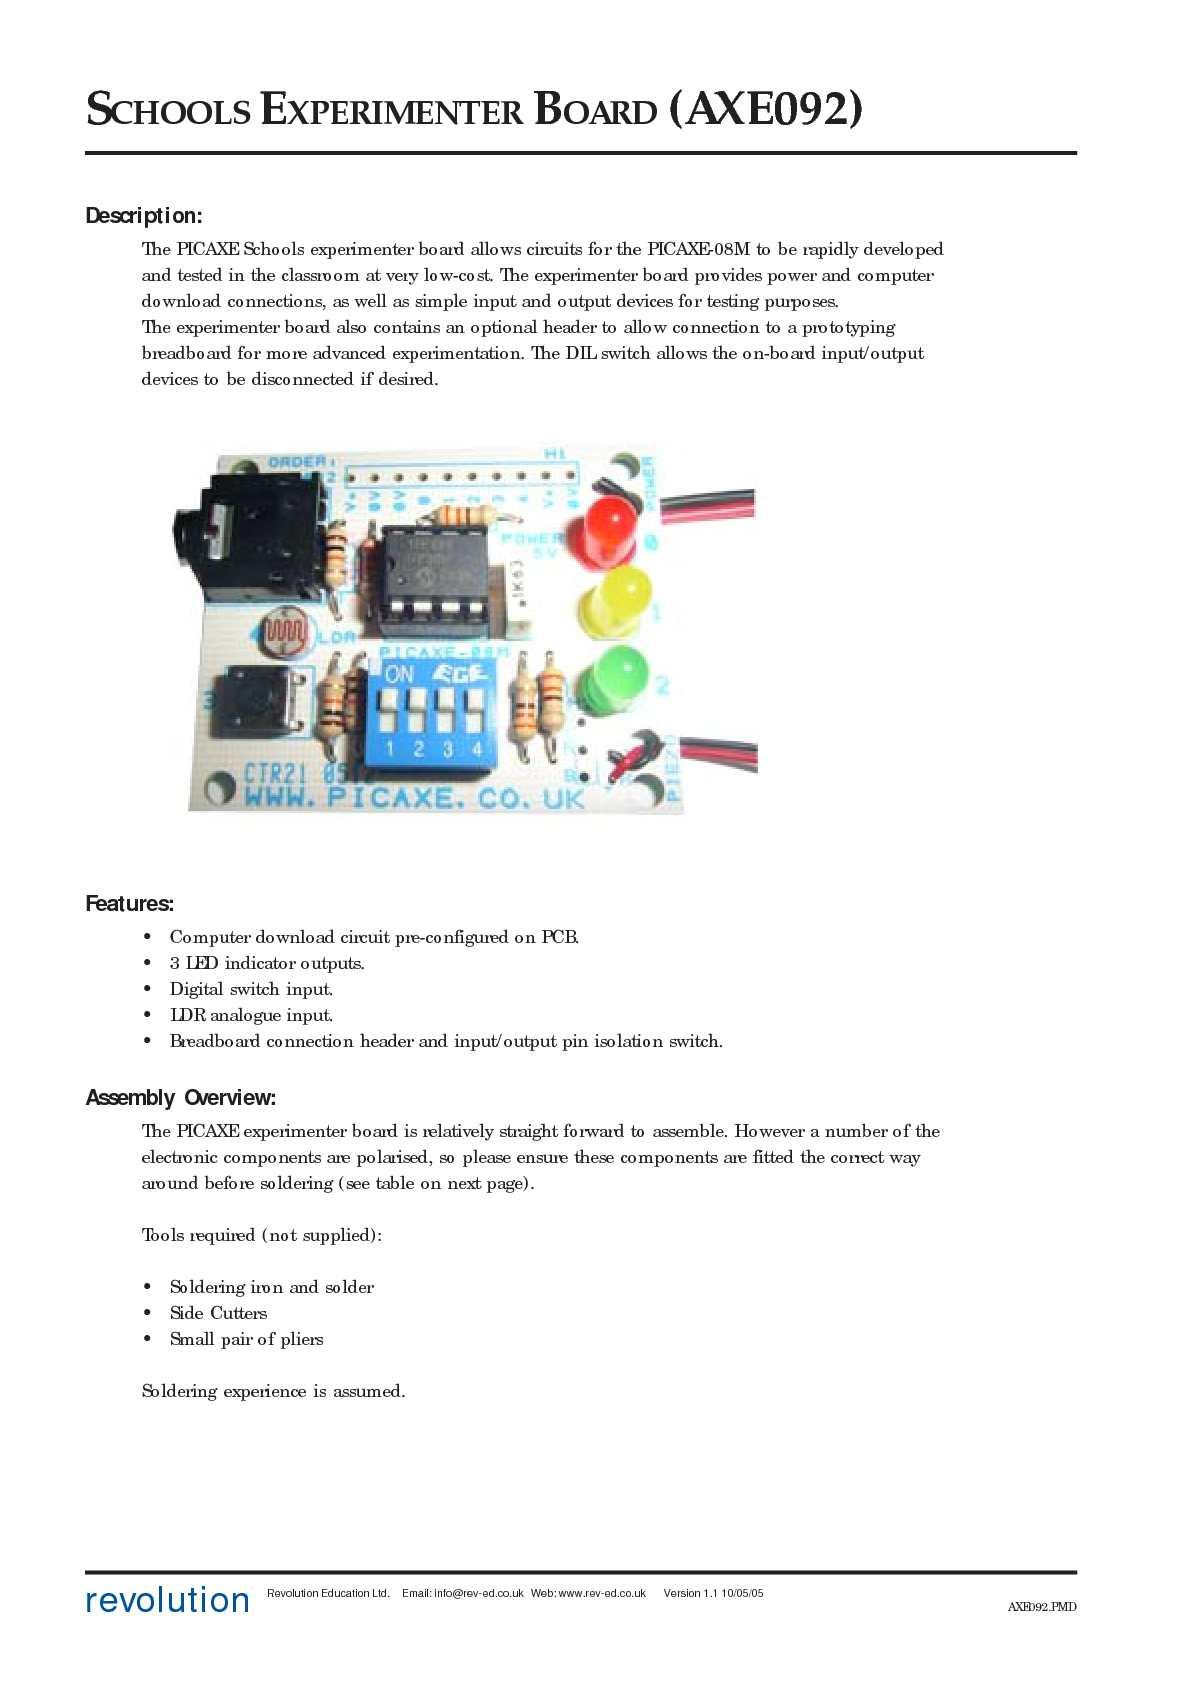 Calamo Axe092 Datasheet Picaxe Programming Circuit